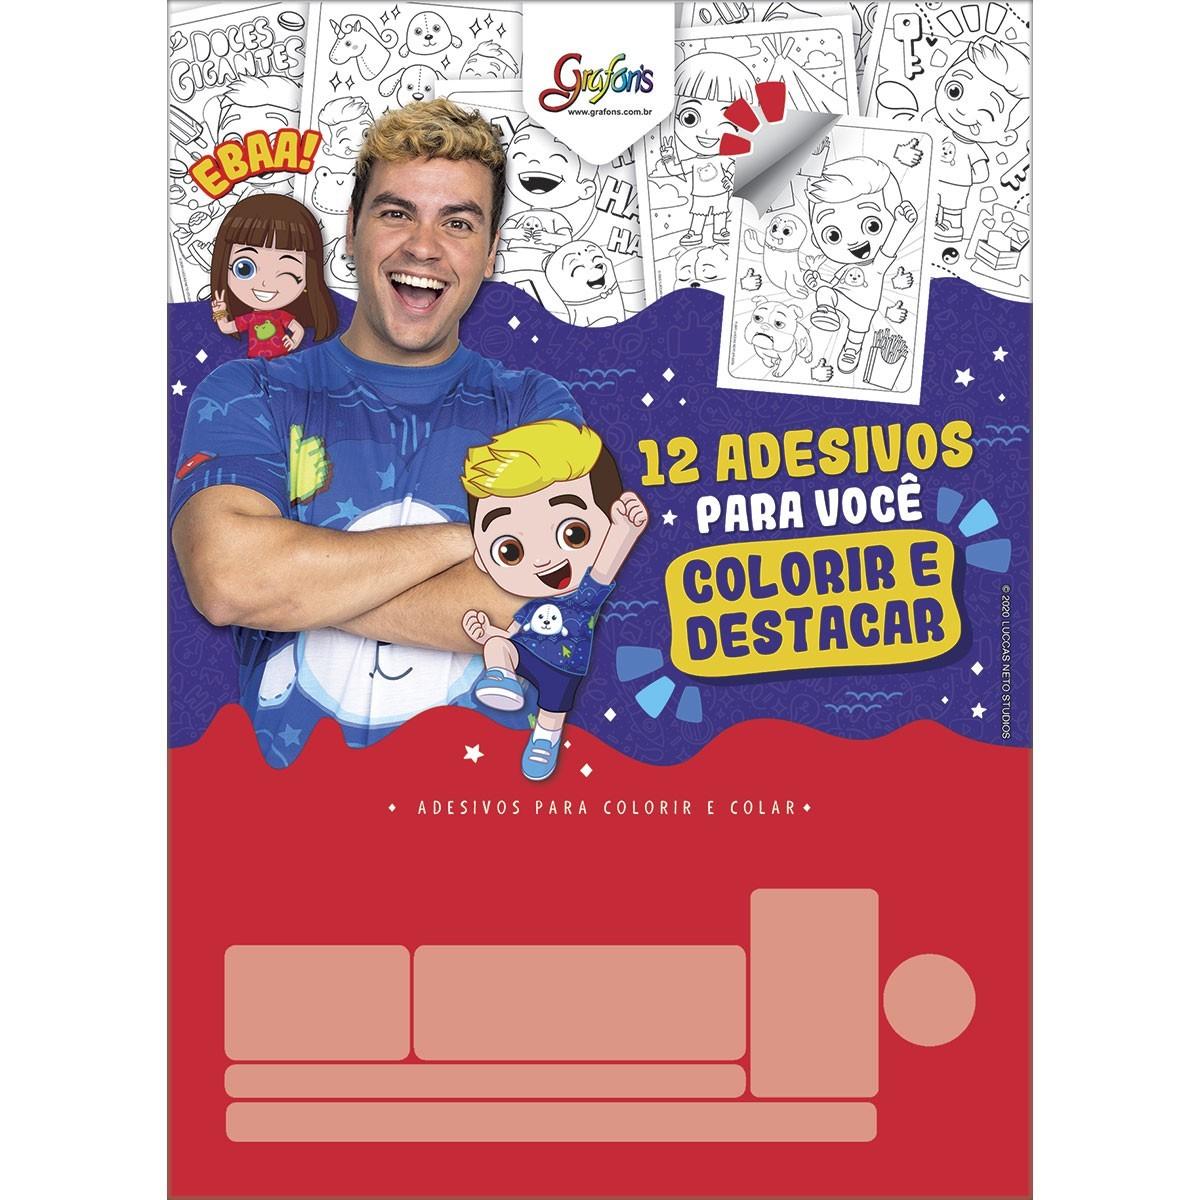 Bloco Adesivo para Colorir Luccas Neto - Tilibra